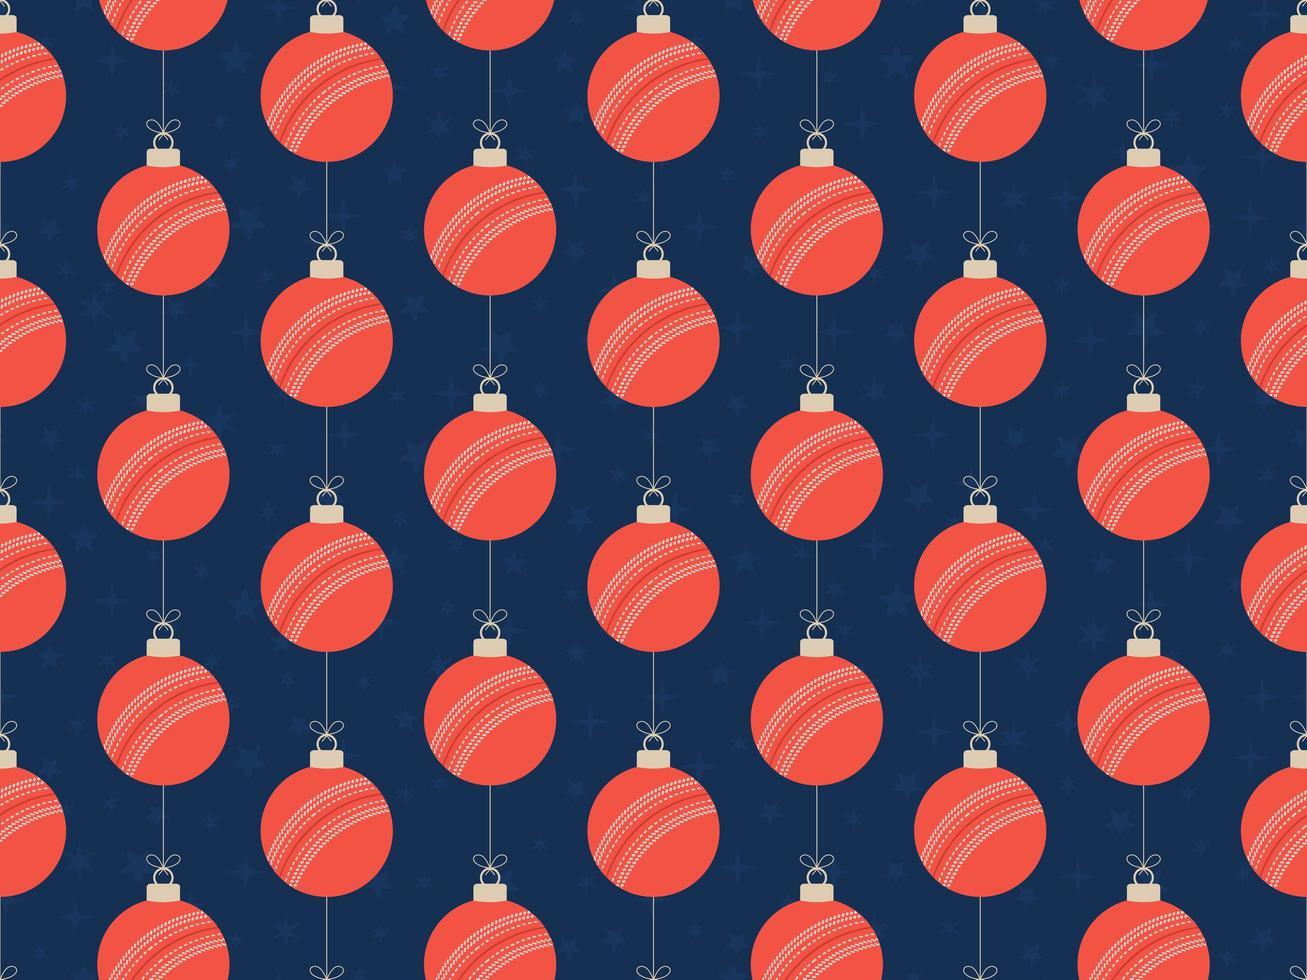 bola de críquete feliz natal padrão horizontal sem costura vetor